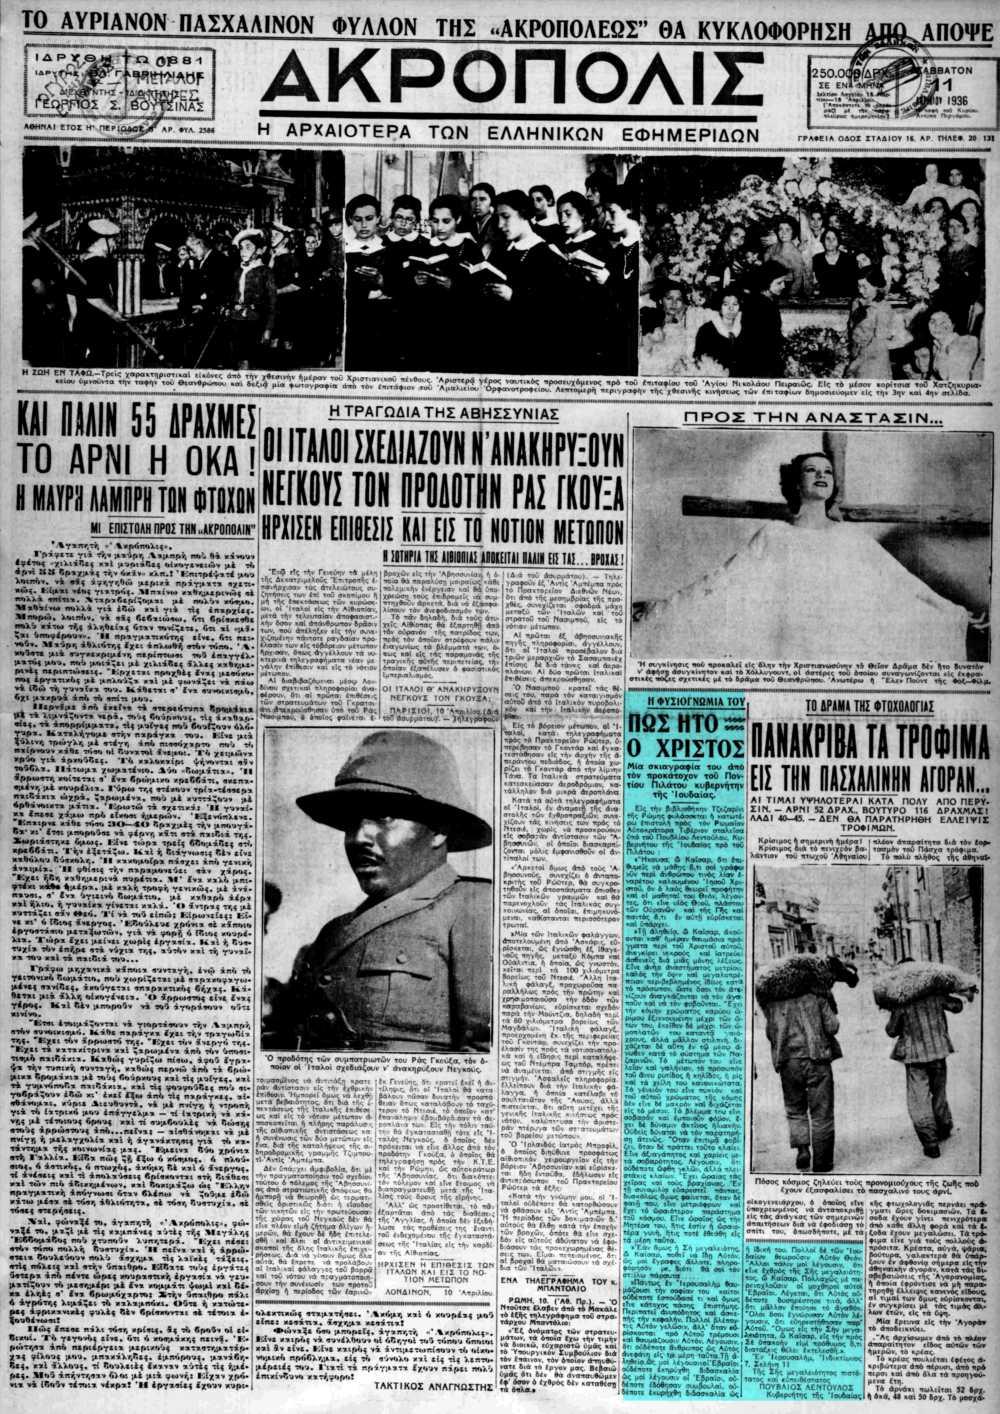 """Το άρθρο, όπως δημοσιεύθηκε στην εφημερίδα """"ΑΚΡΟΠΟΛΙΣ"""", στις 11/04/1936"""